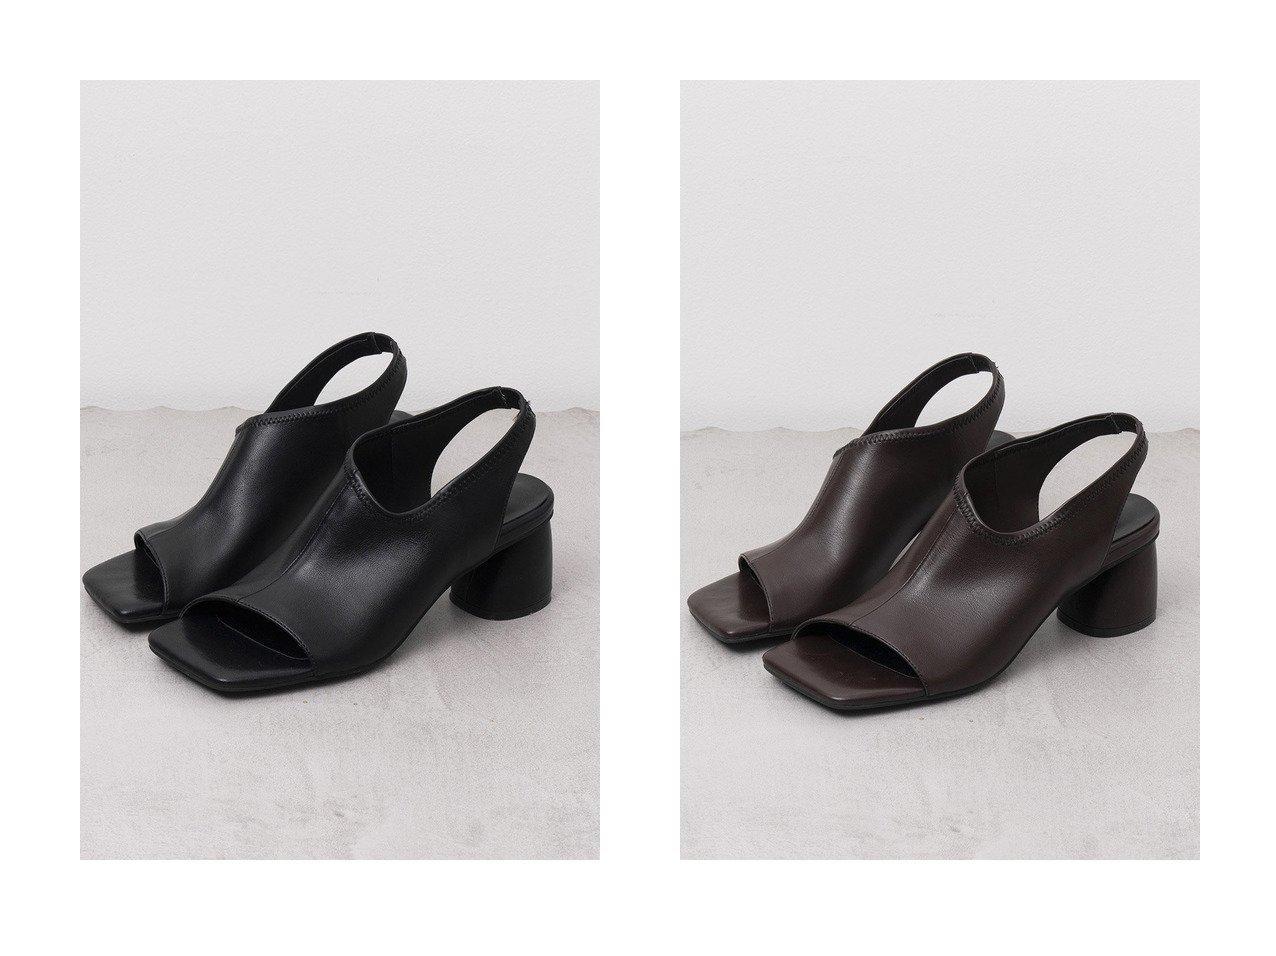 【MAISON SPECIAL/メゾンスペシャル】のストレッチミュール 【シューズ・靴】おすすめ!人気、トレンド・レディースファッションの通販 おすすめで人気の流行・トレンド、ファッションの通販商品 メンズファッション・キッズファッション・インテリア・家具・レディースファッション・服の通販 founy(ファニー) https://founy.com/ ファッション Fashion レディースファッション WOMEN サンダル ストレッチ |ID:crp329100000030192